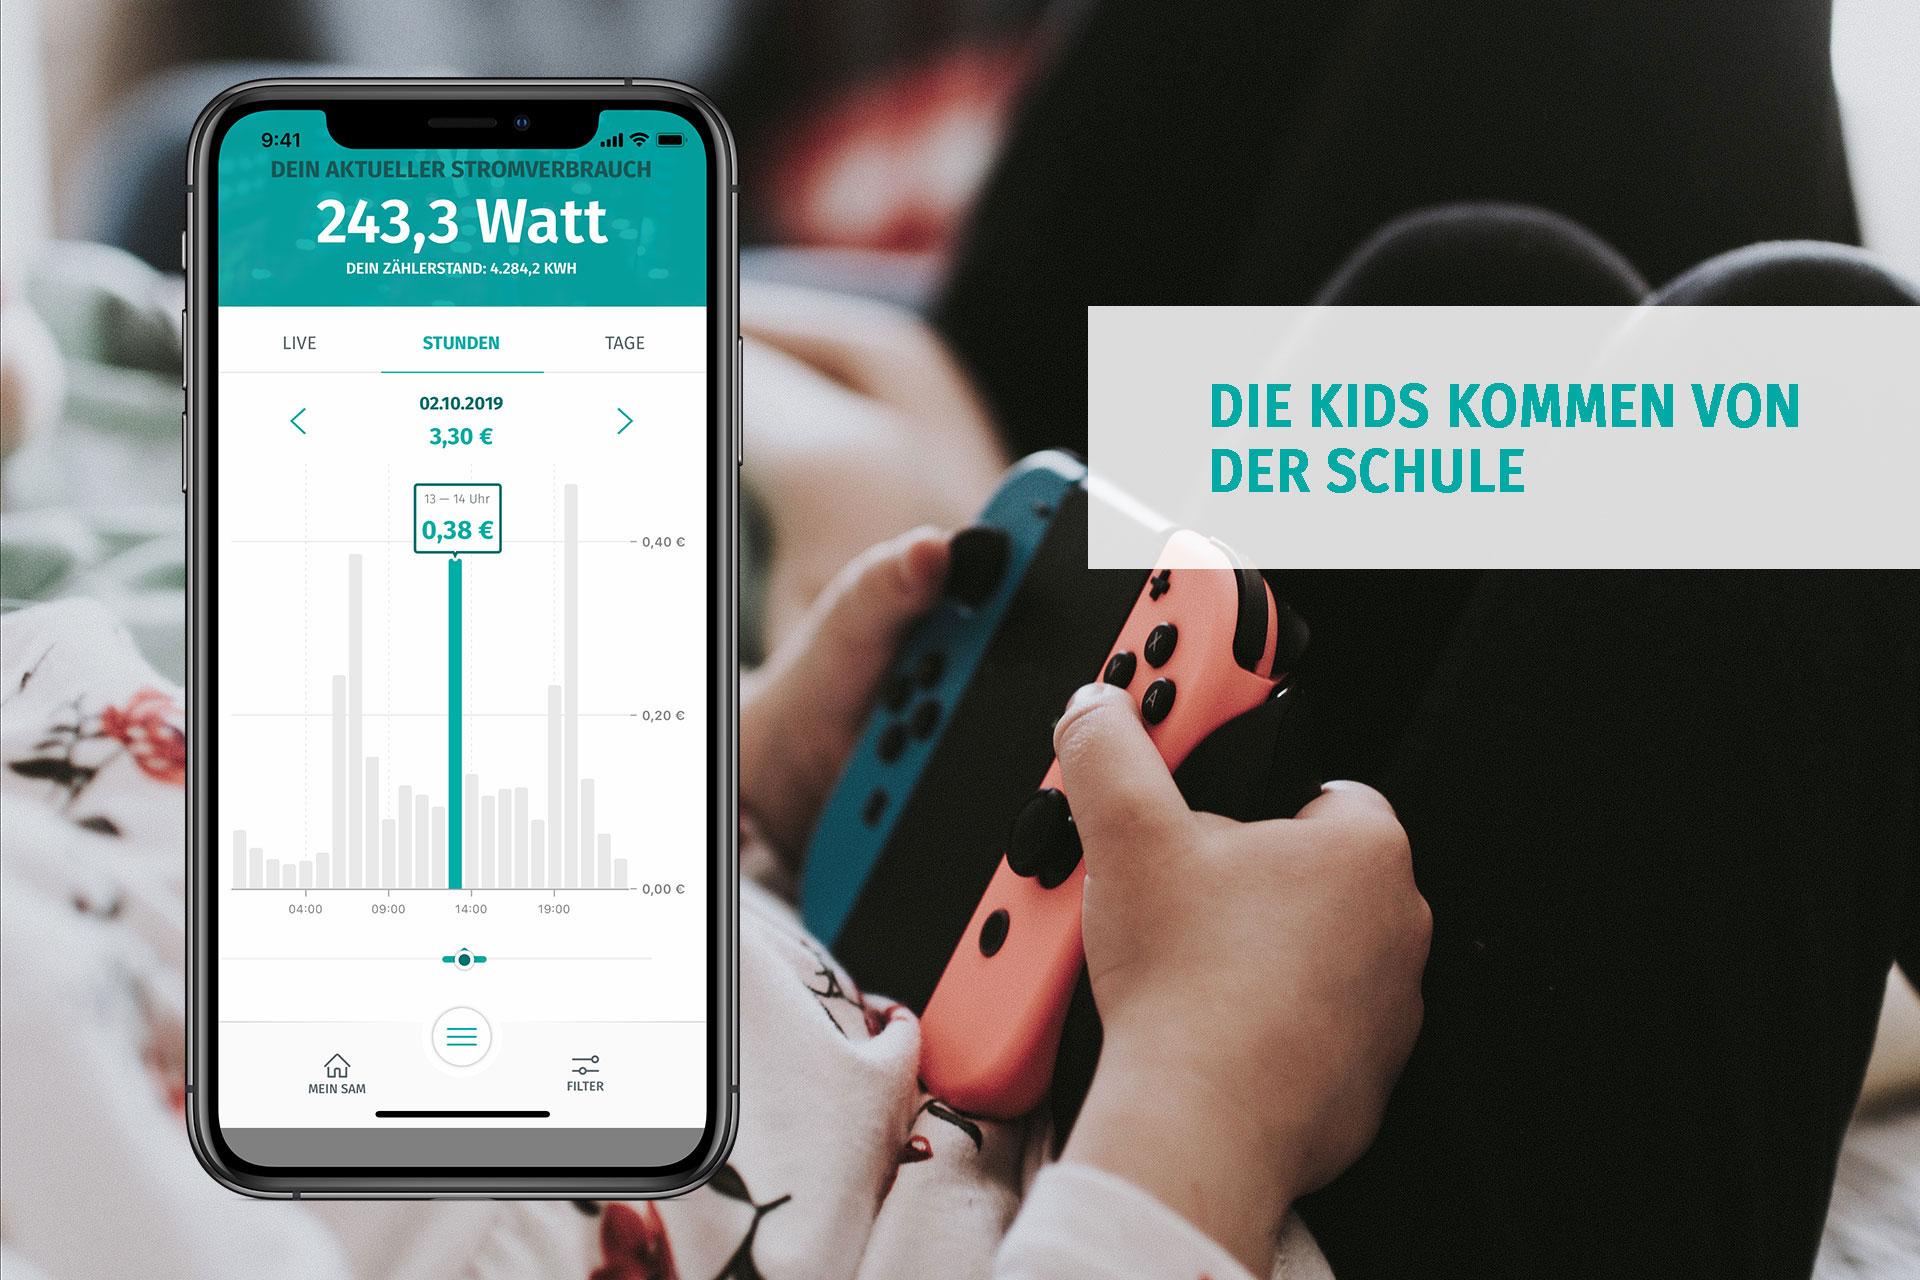 Die enera App zeigt den Stromverbrauch mittags